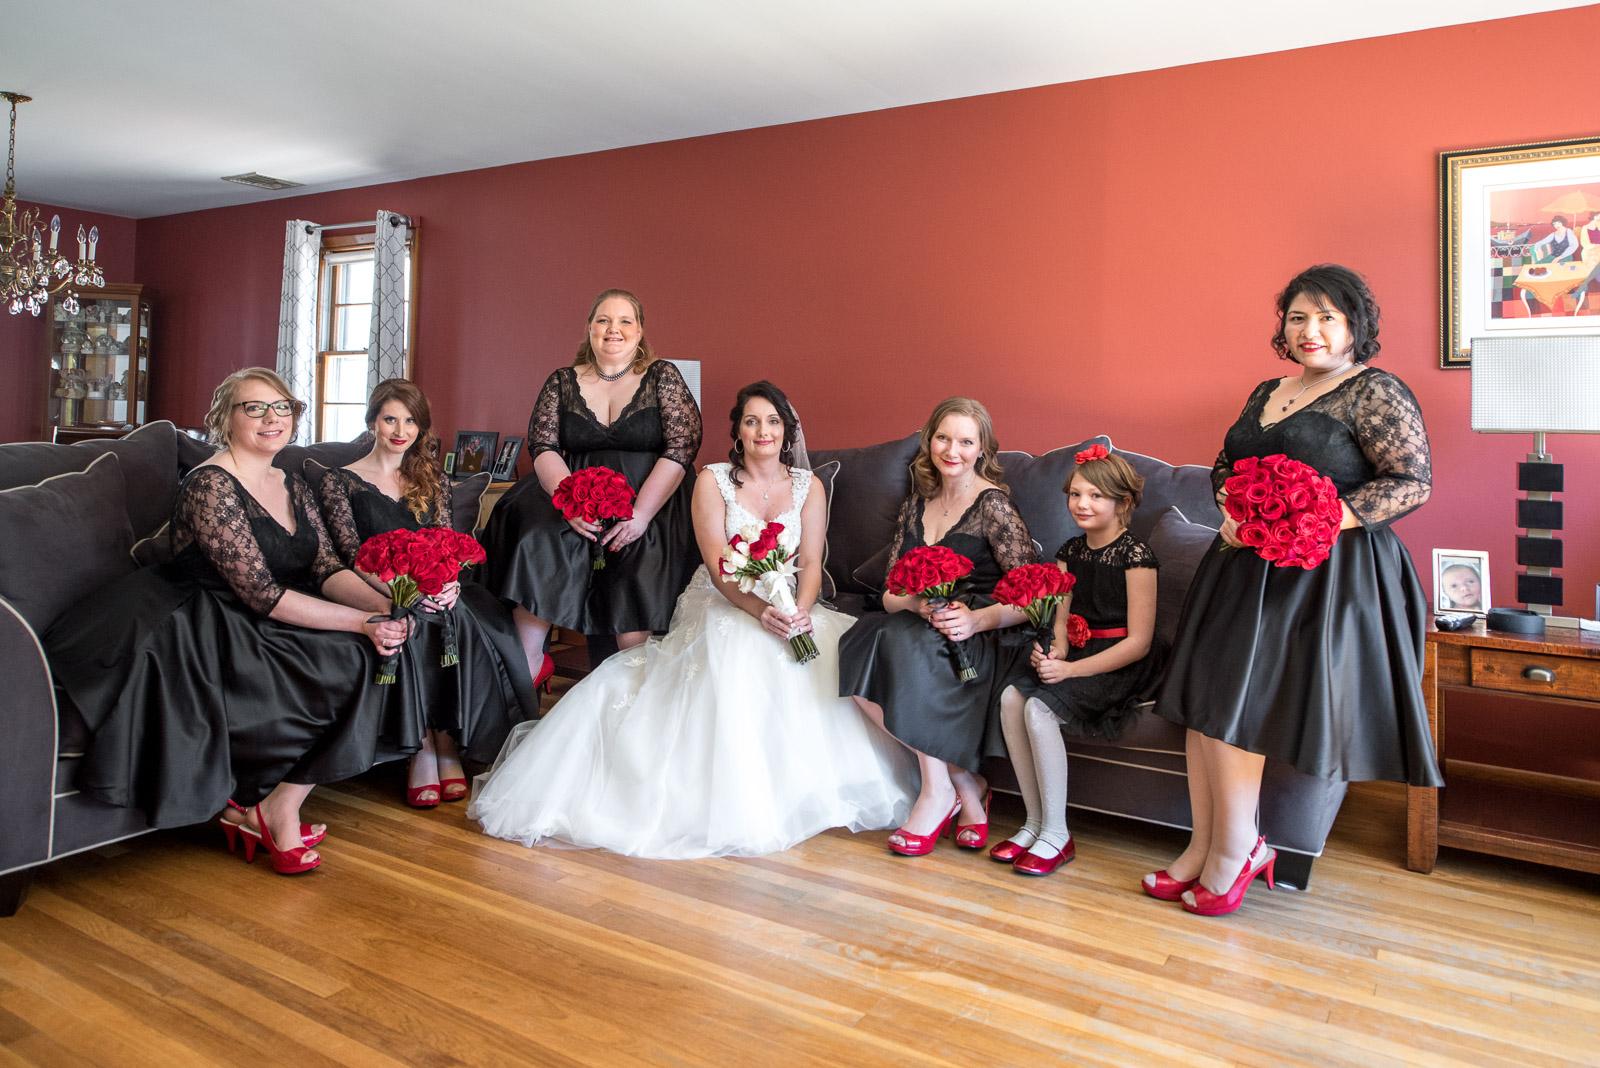 tara-yareb-wedding-011-blog.jpg